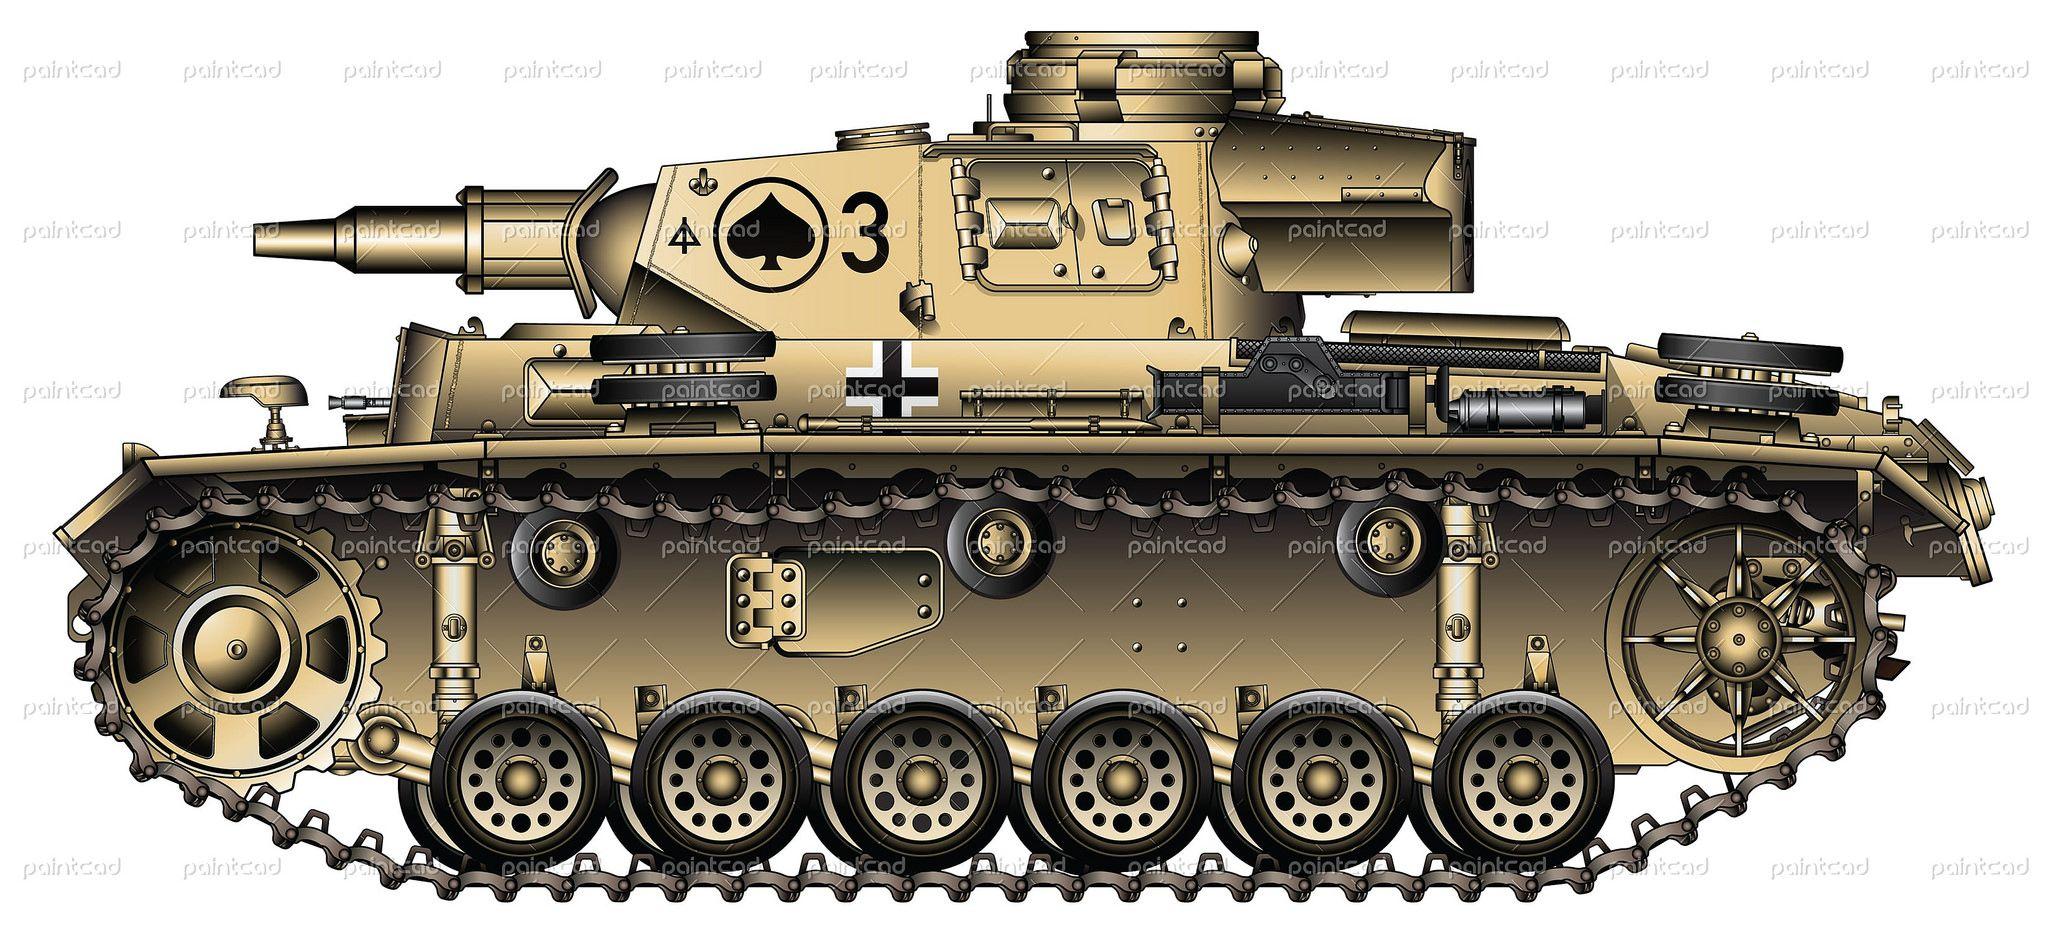 Pin on Panzer 111 tanks